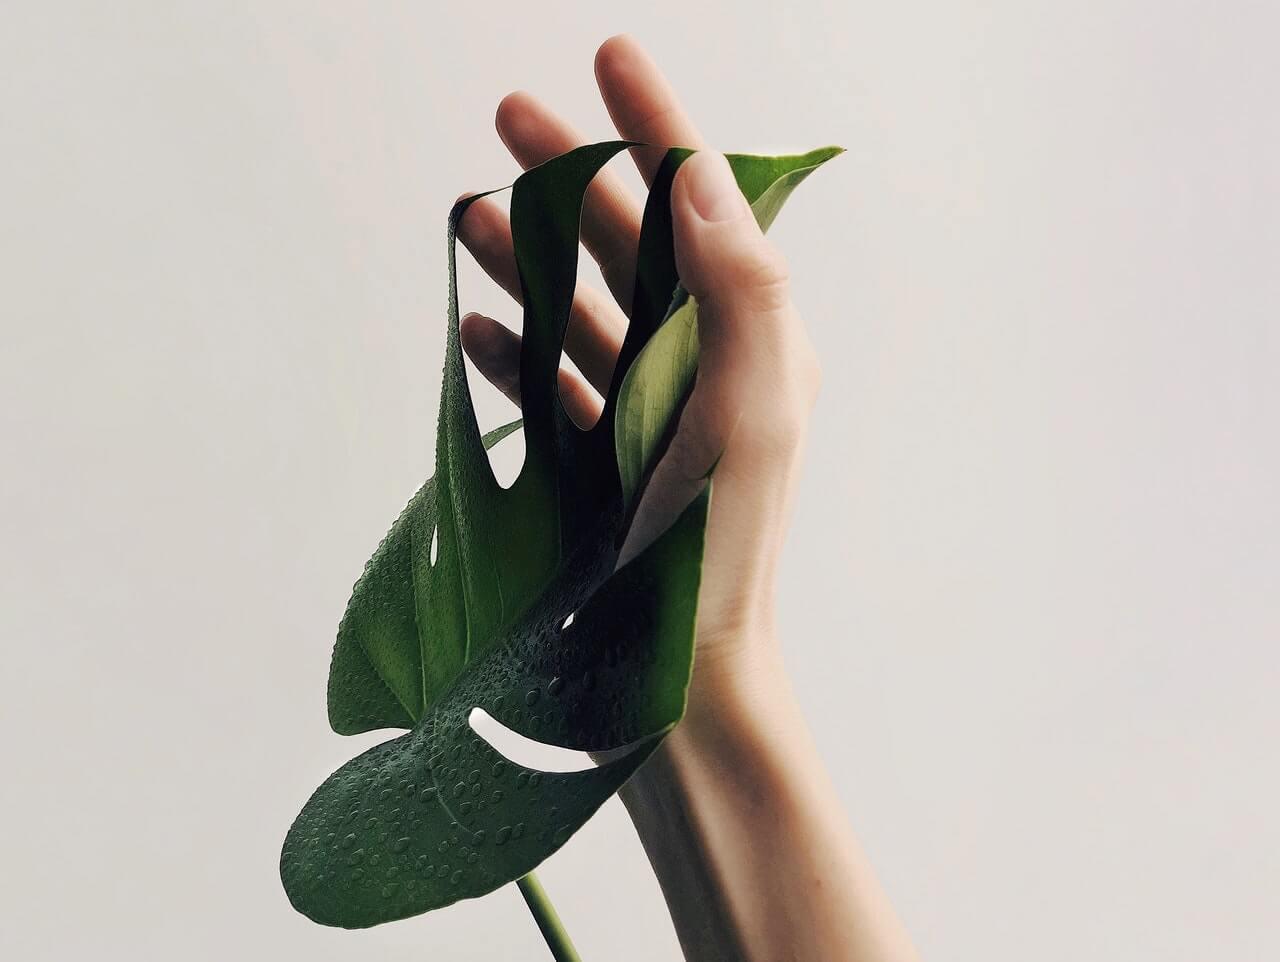 Mãos e zonas erógenas